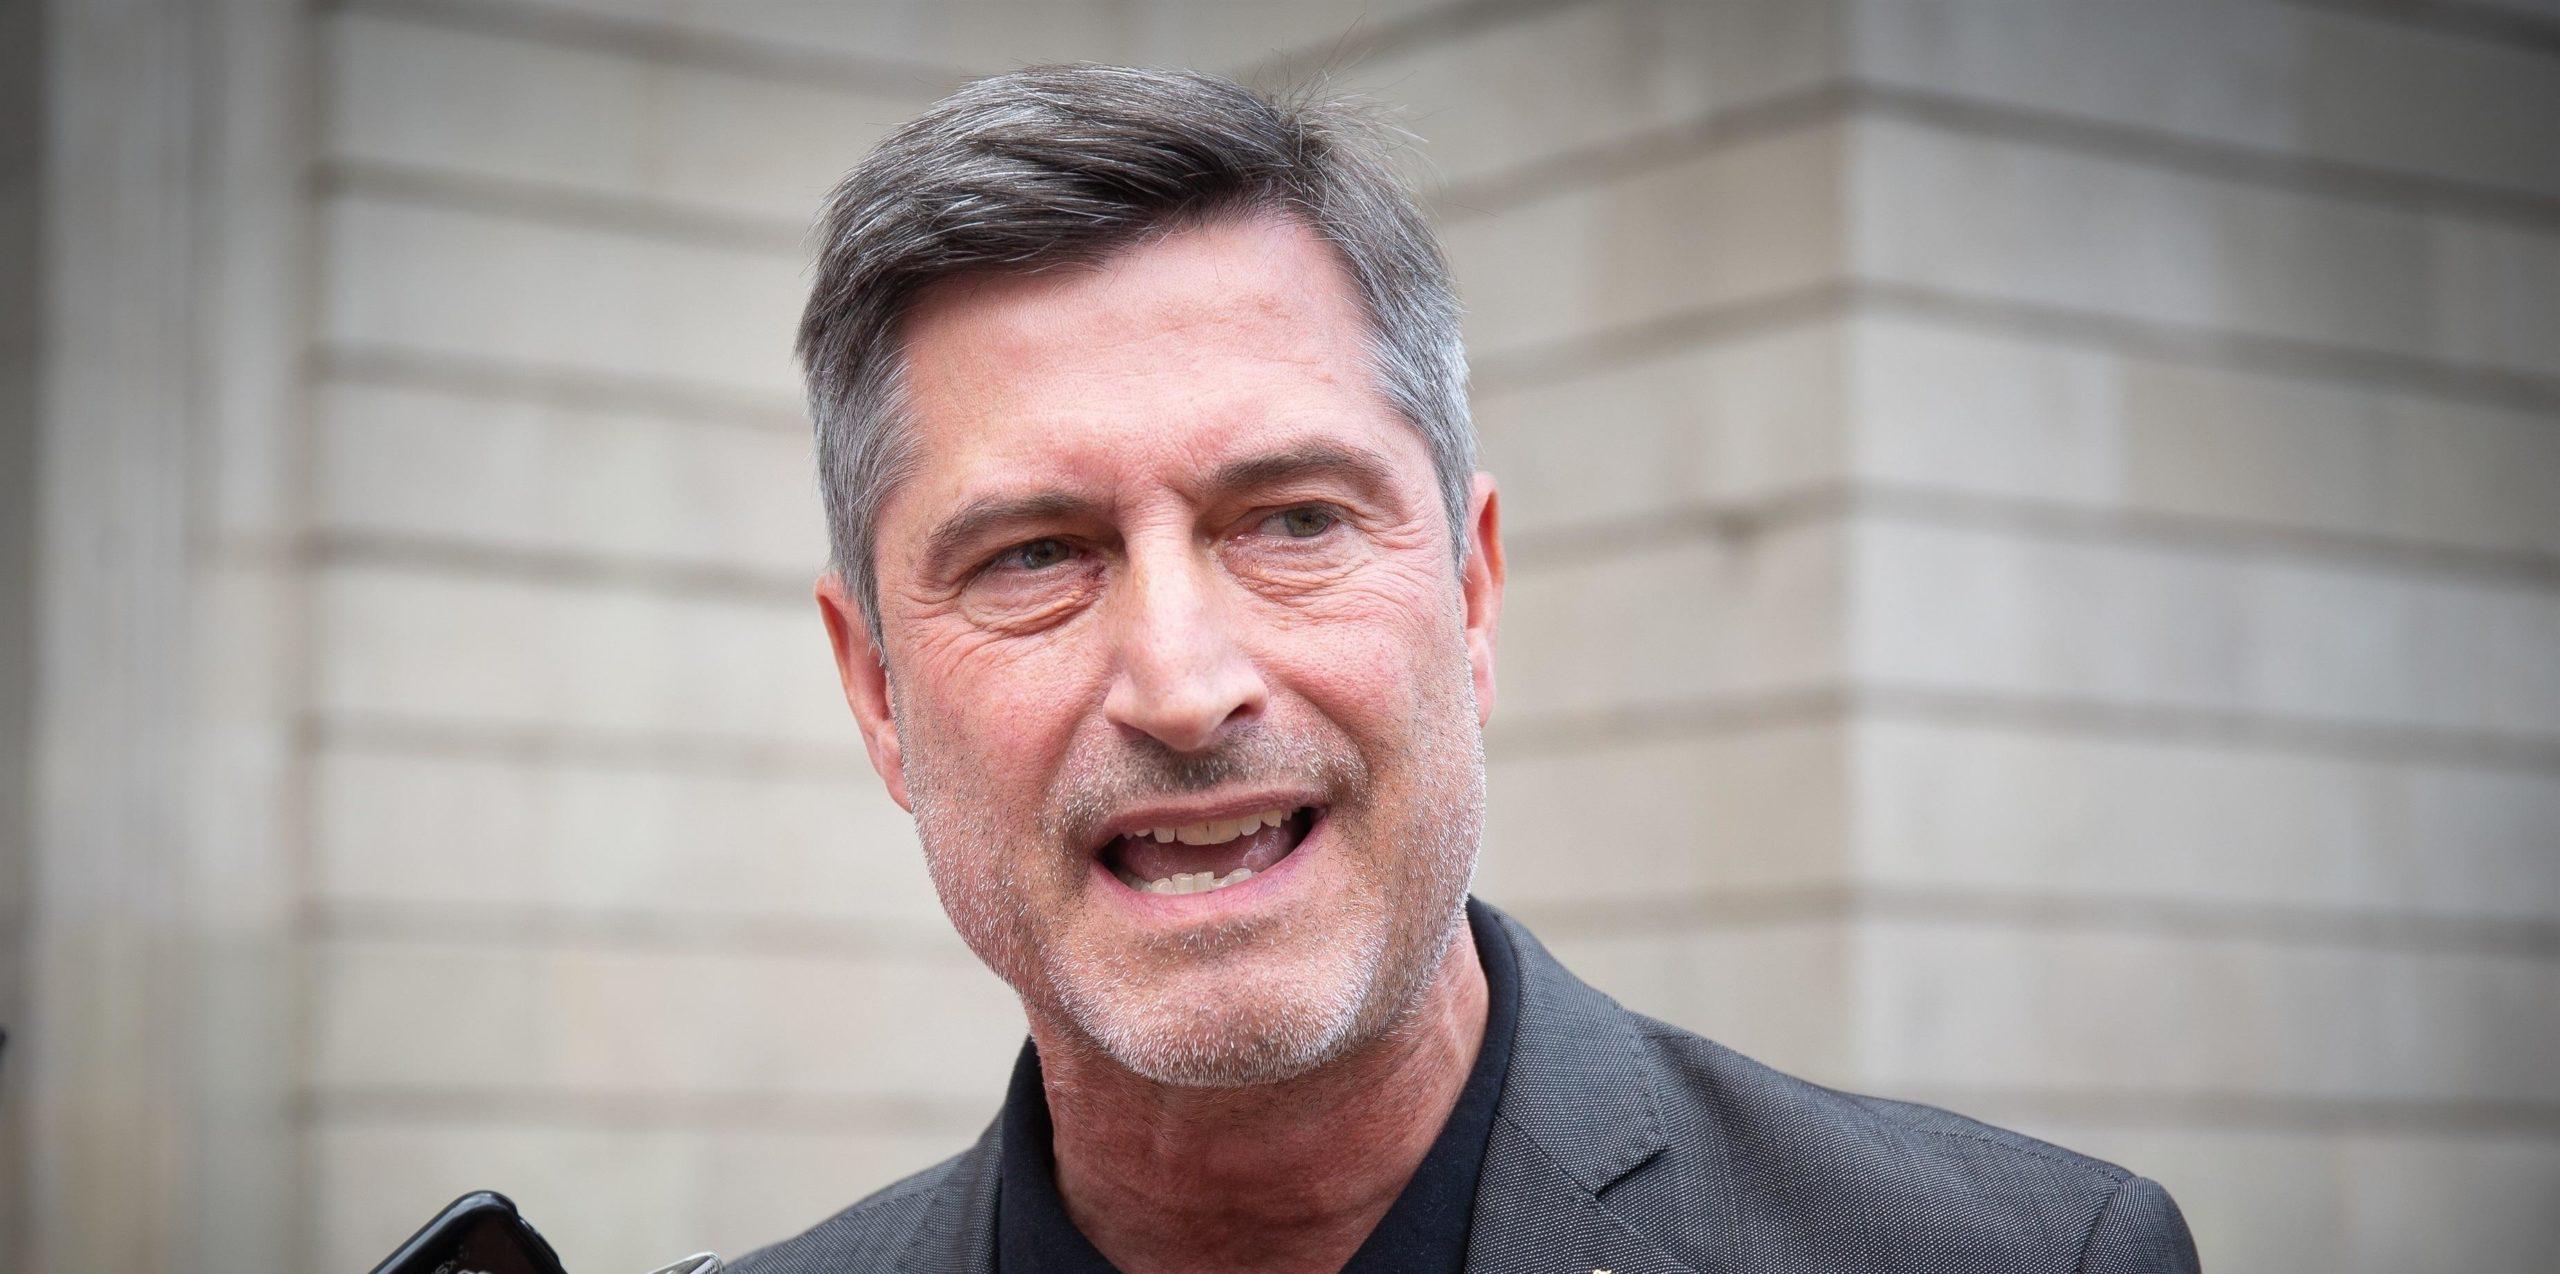 El portaveu de Junts per Catalunya a l'Ajuntament, Jordi Martí, en imatge d'arxiu / Europa Press (David Zorrakino)